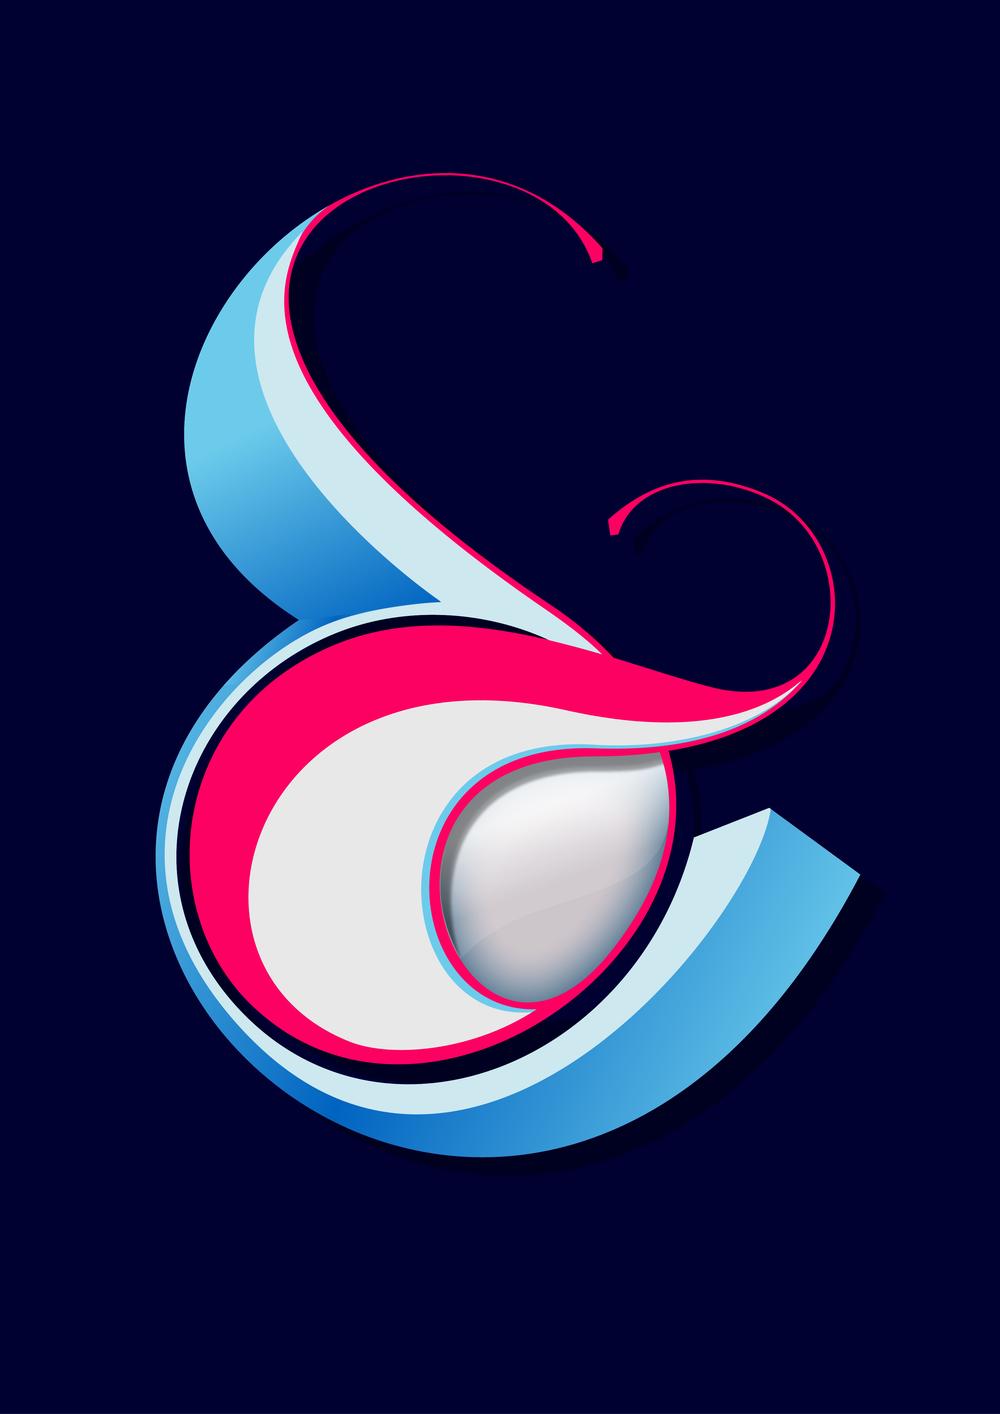 Playful-ampersand-moshik-nadav-typography-01.jpg